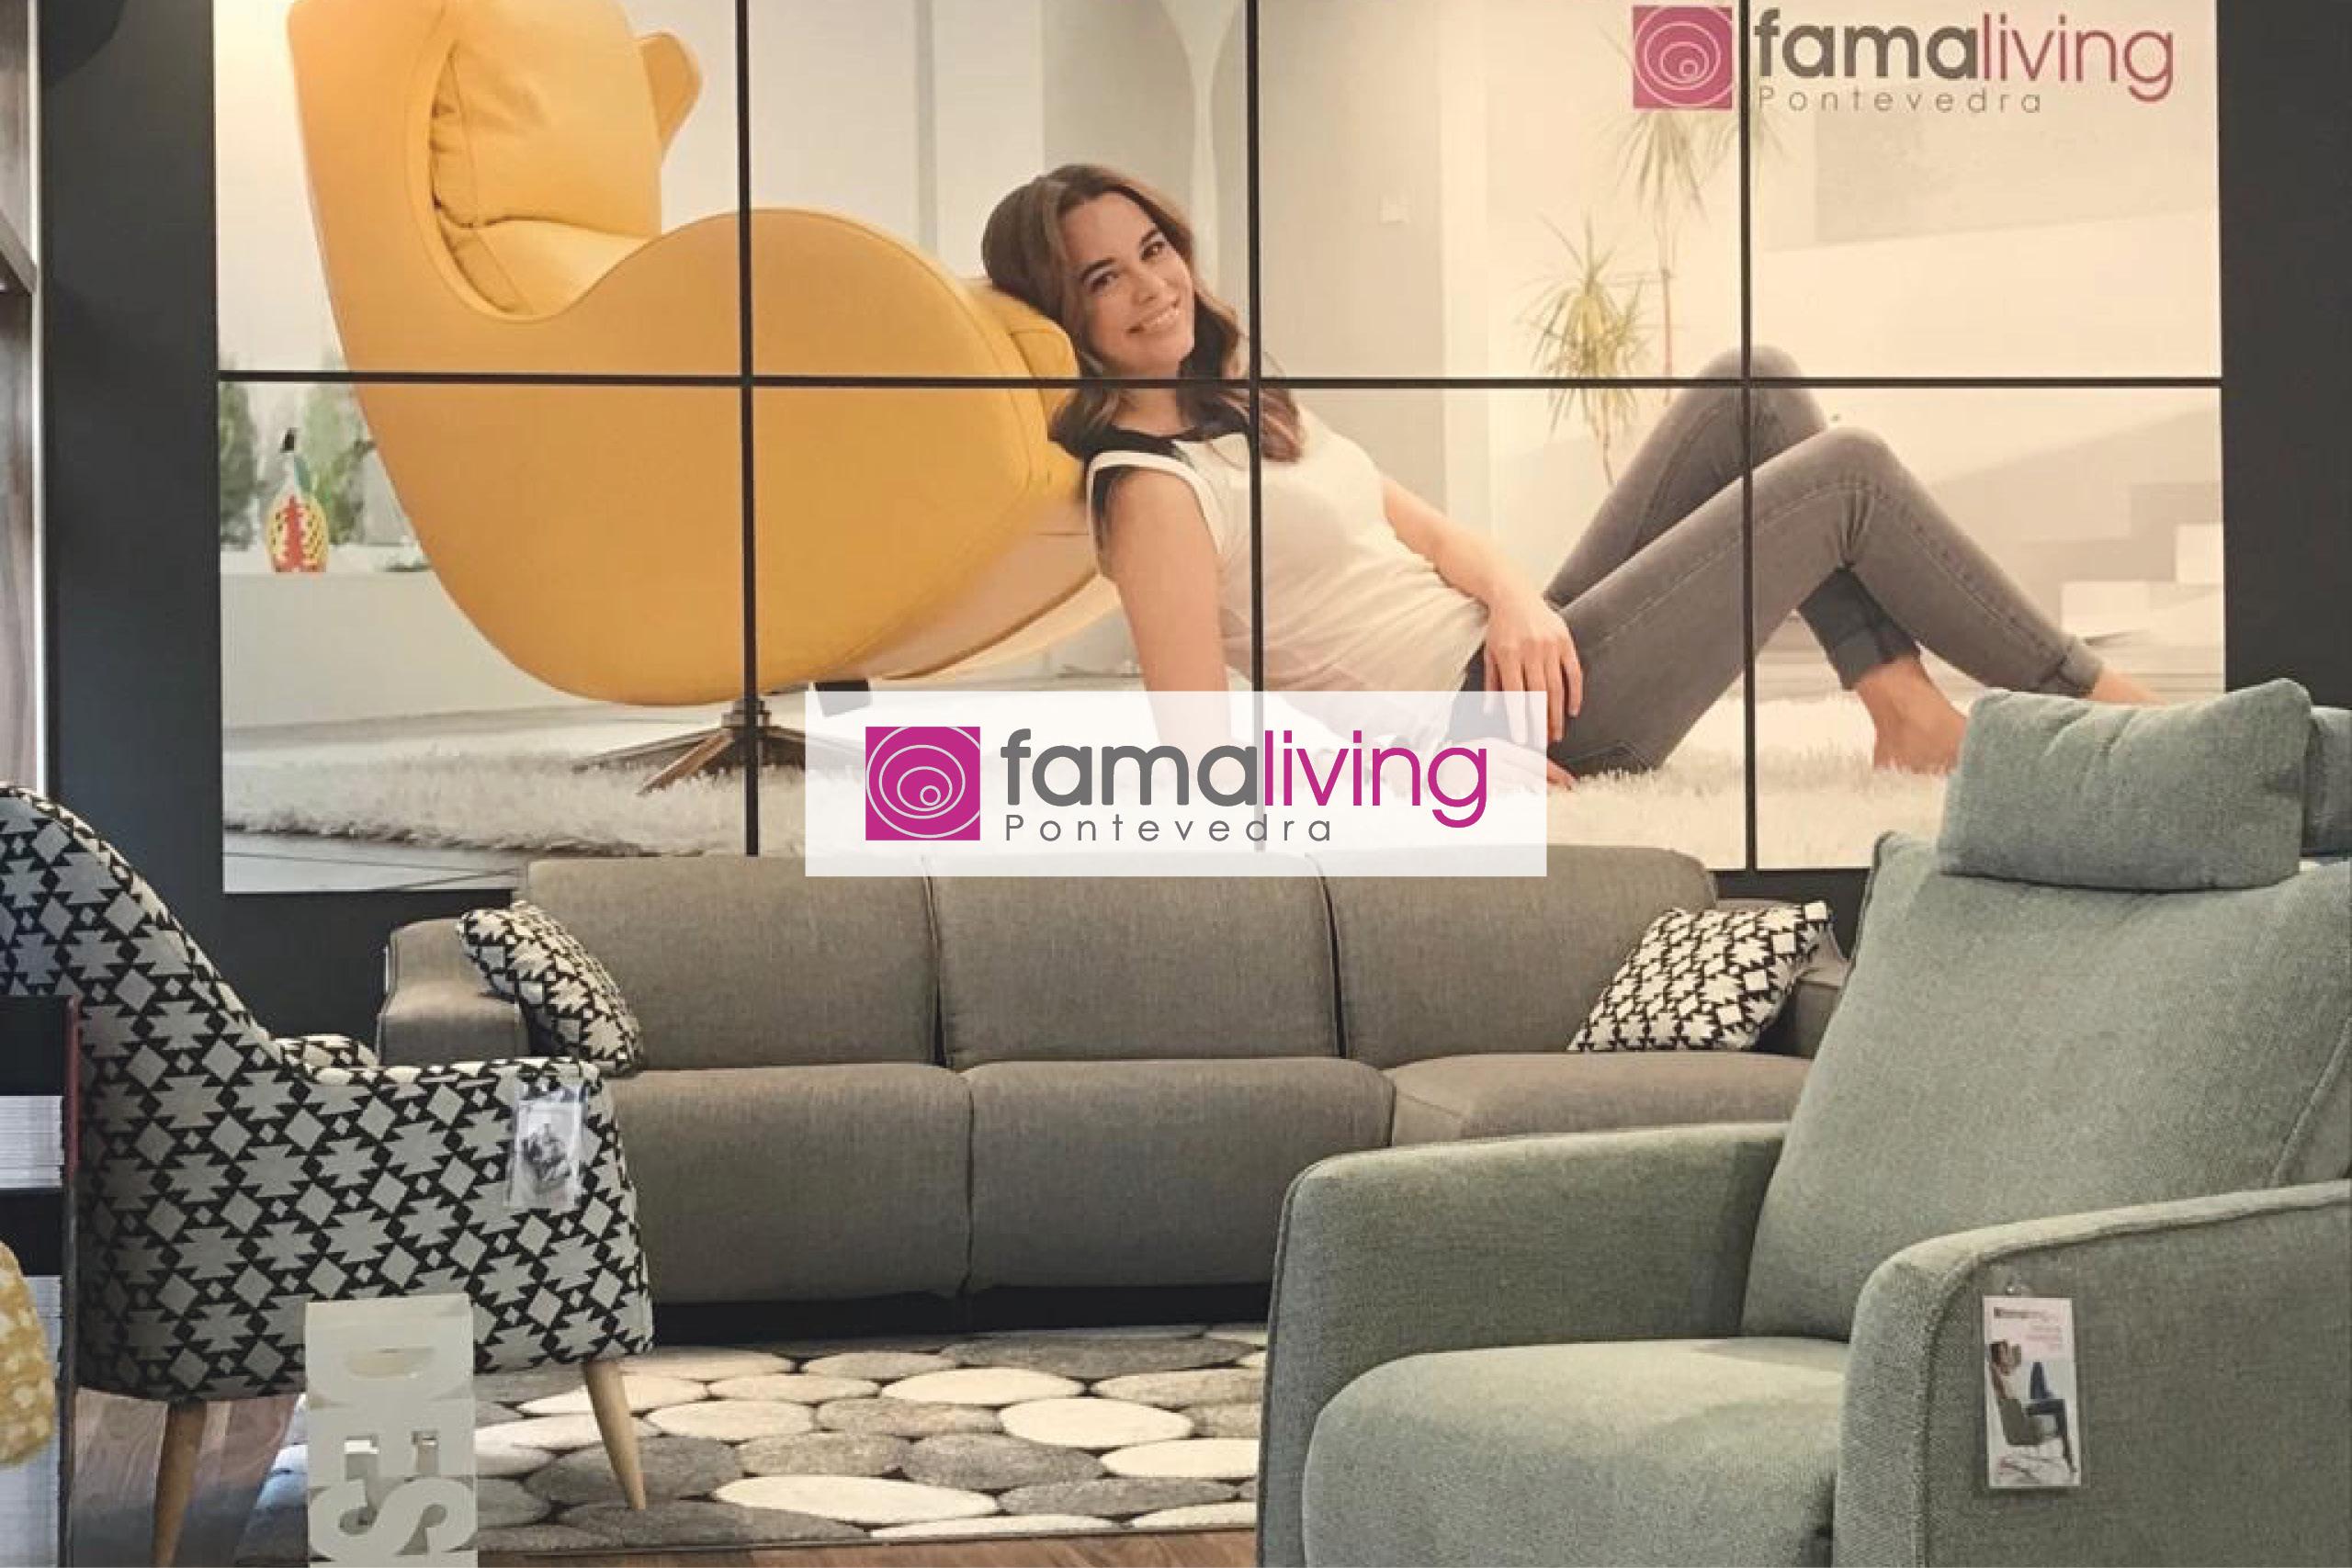 https://www.famaliving.com/pontevedra